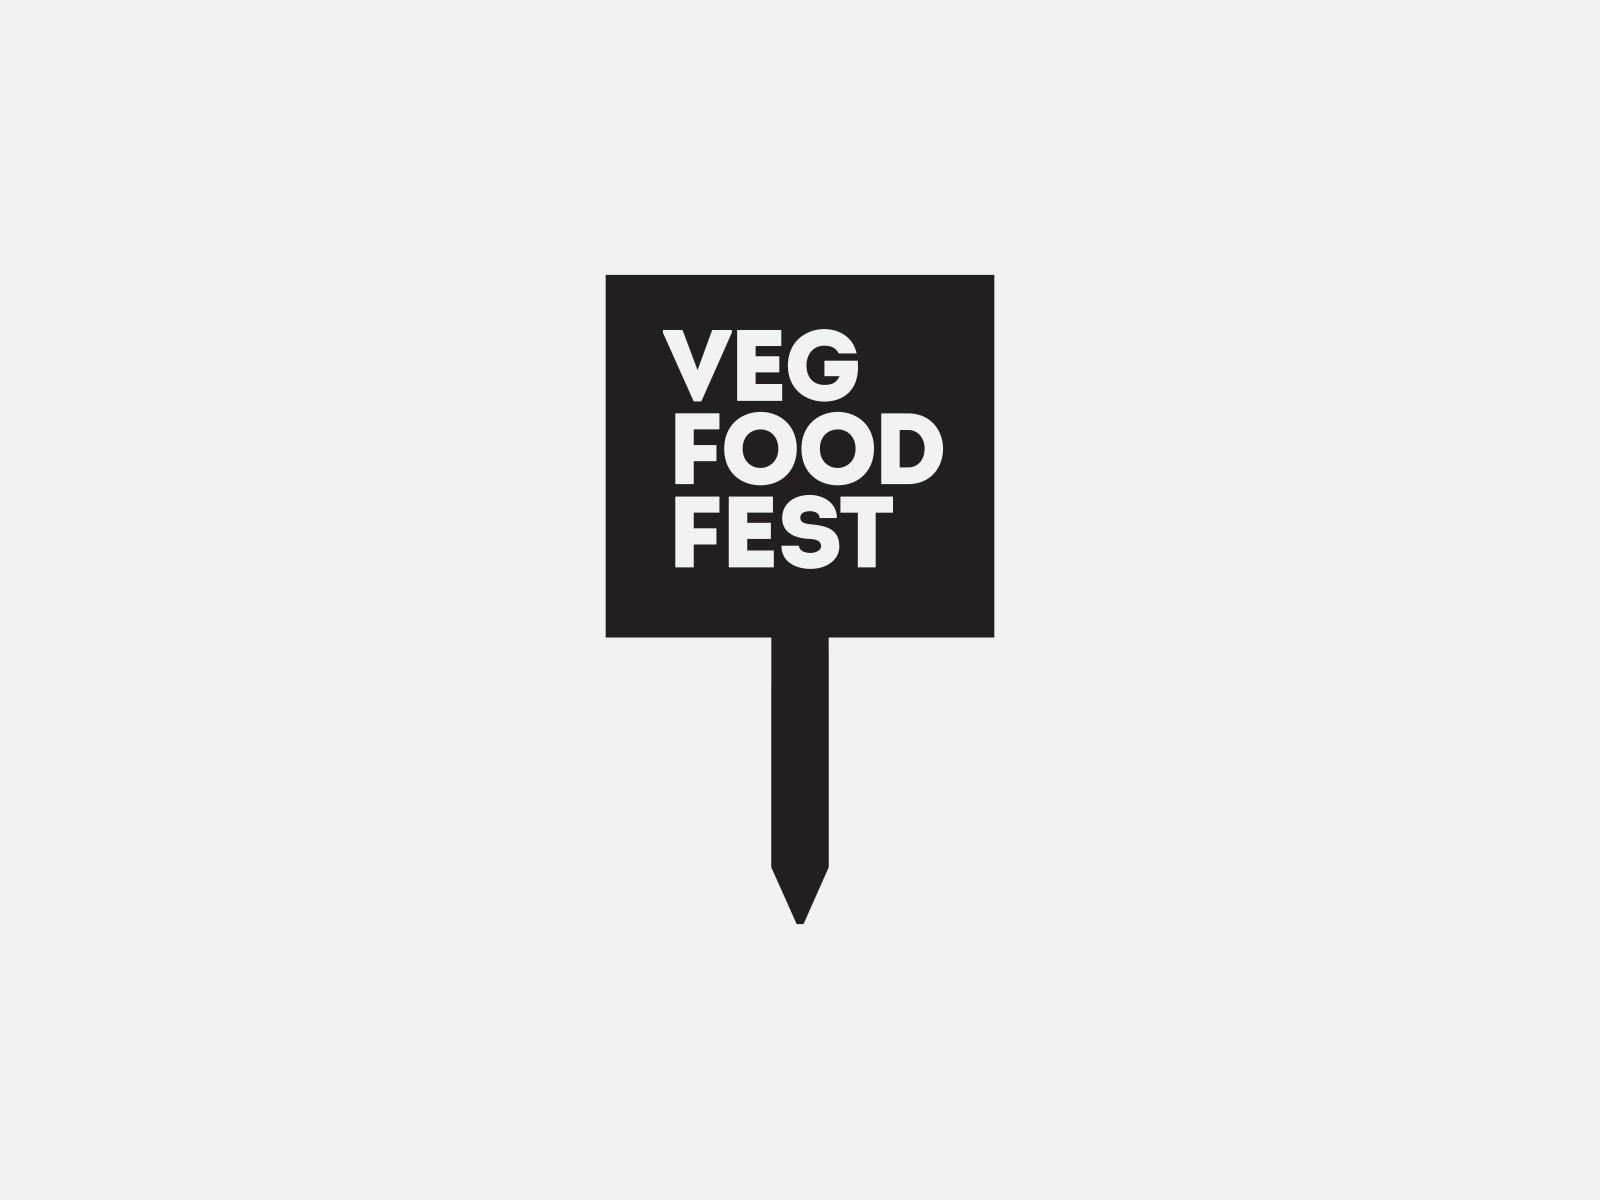 Veg Food Fest by Leo Burnett Design